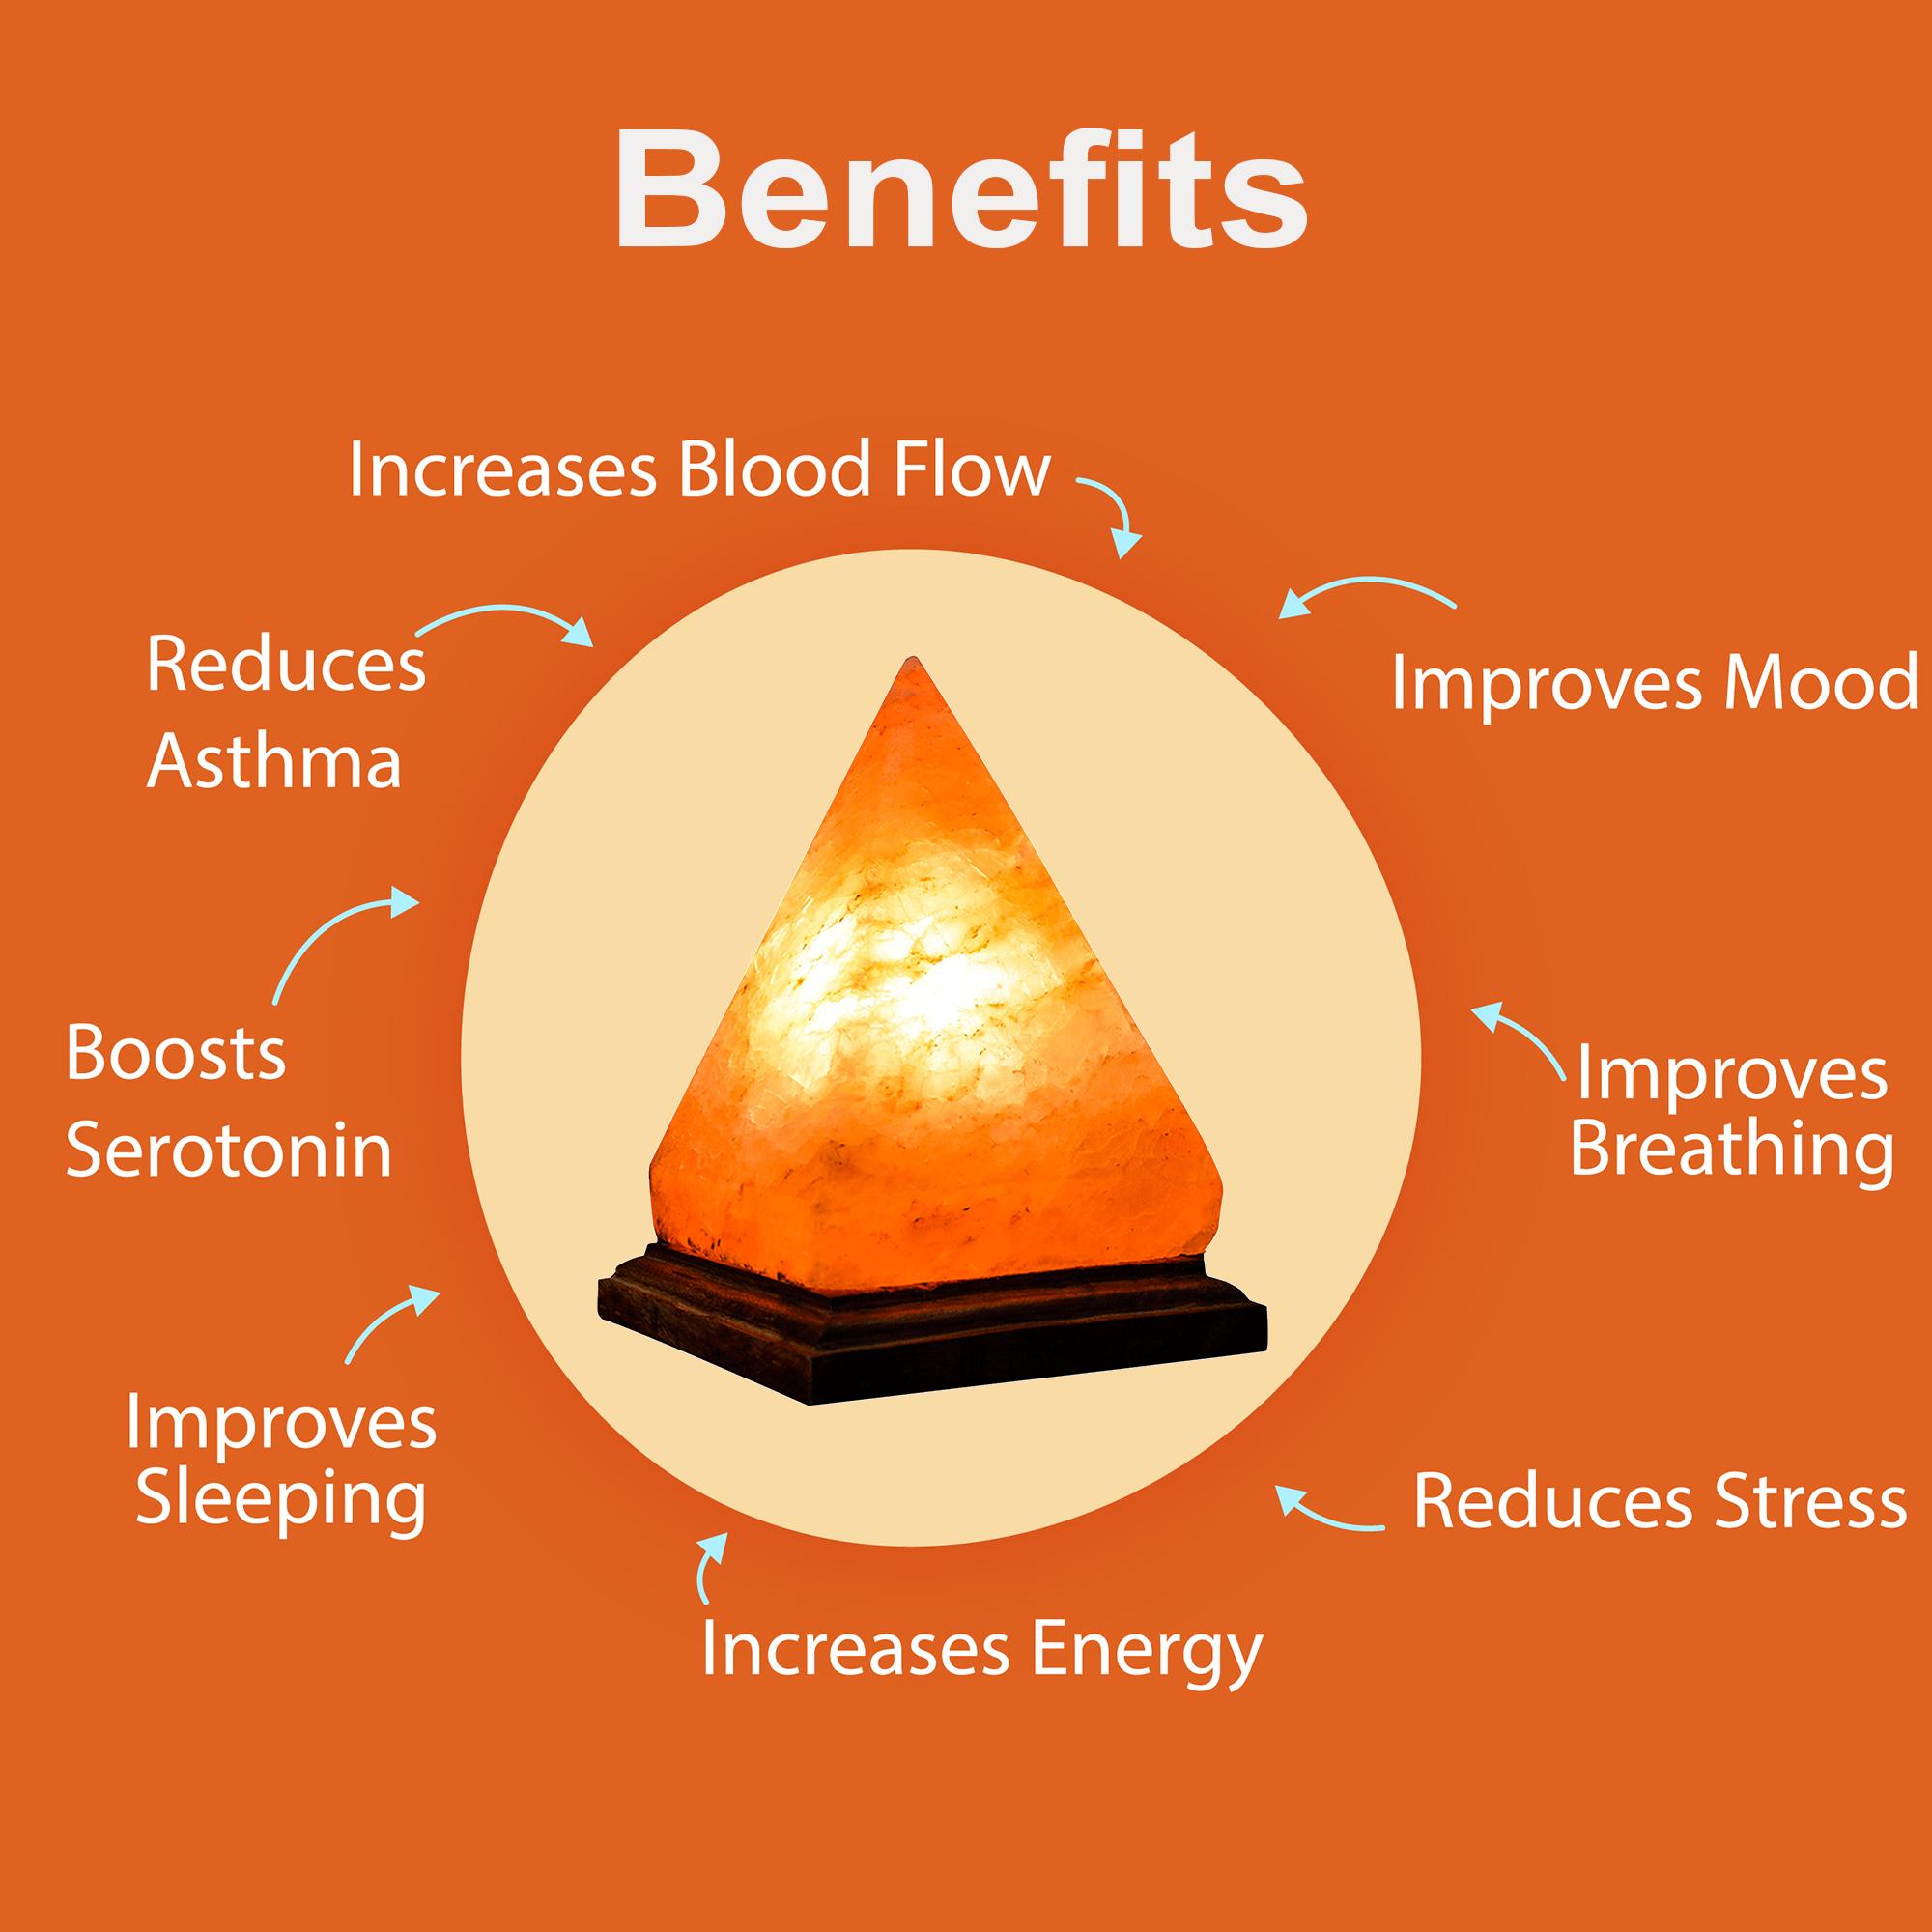 7 benefits 39 - Saltpur Himalayan Salts